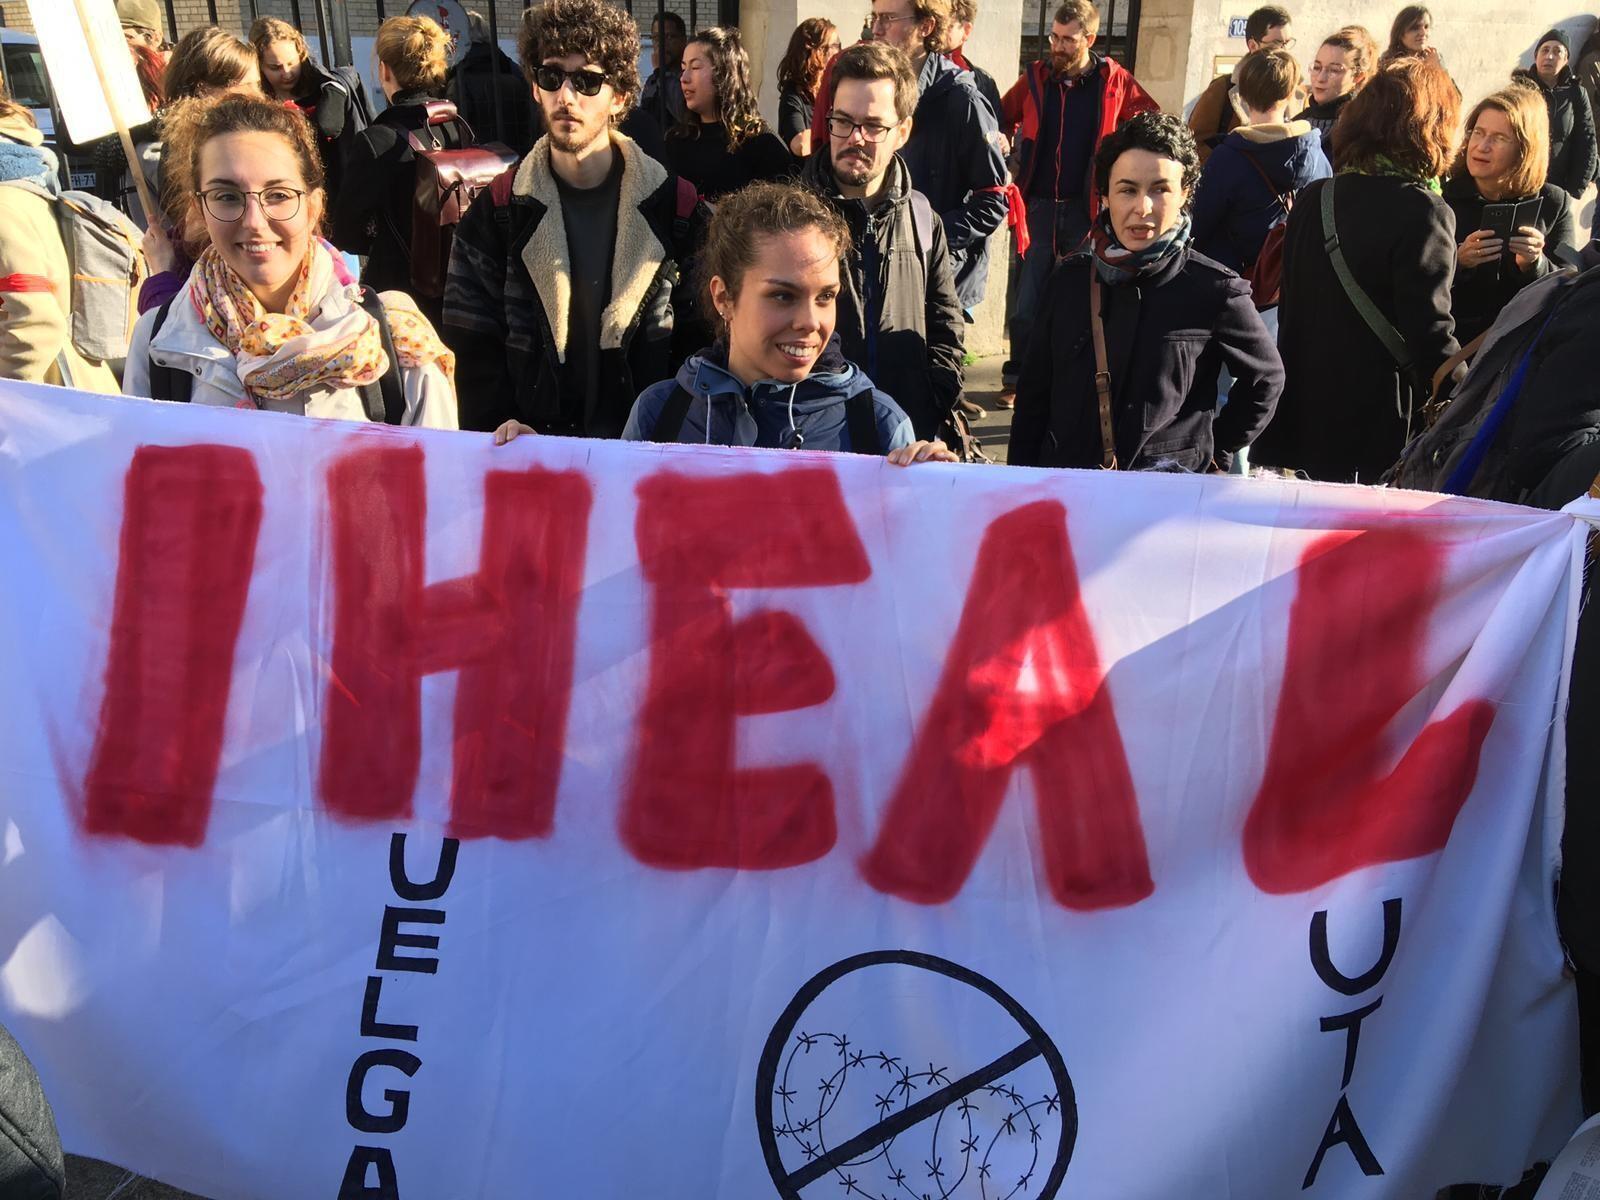 Universidade parisiense cancela volta às aulas e cria universidade popular para debater reformas do governo Macron e movimentos sociais.